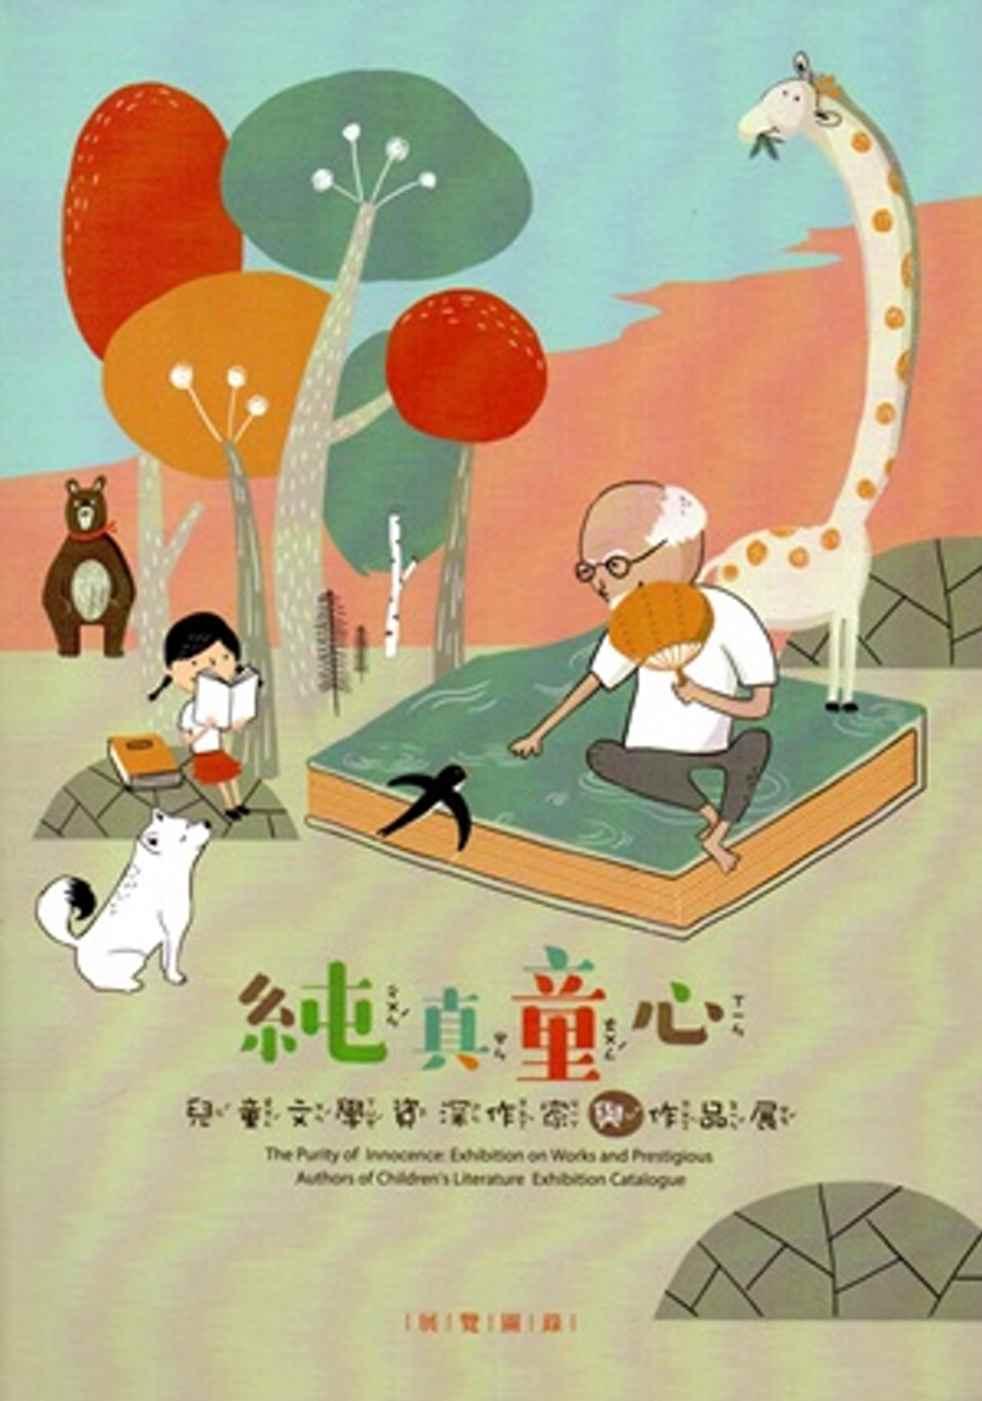 純真童心:兒童文學資深作家與作品展 展覽圖錄